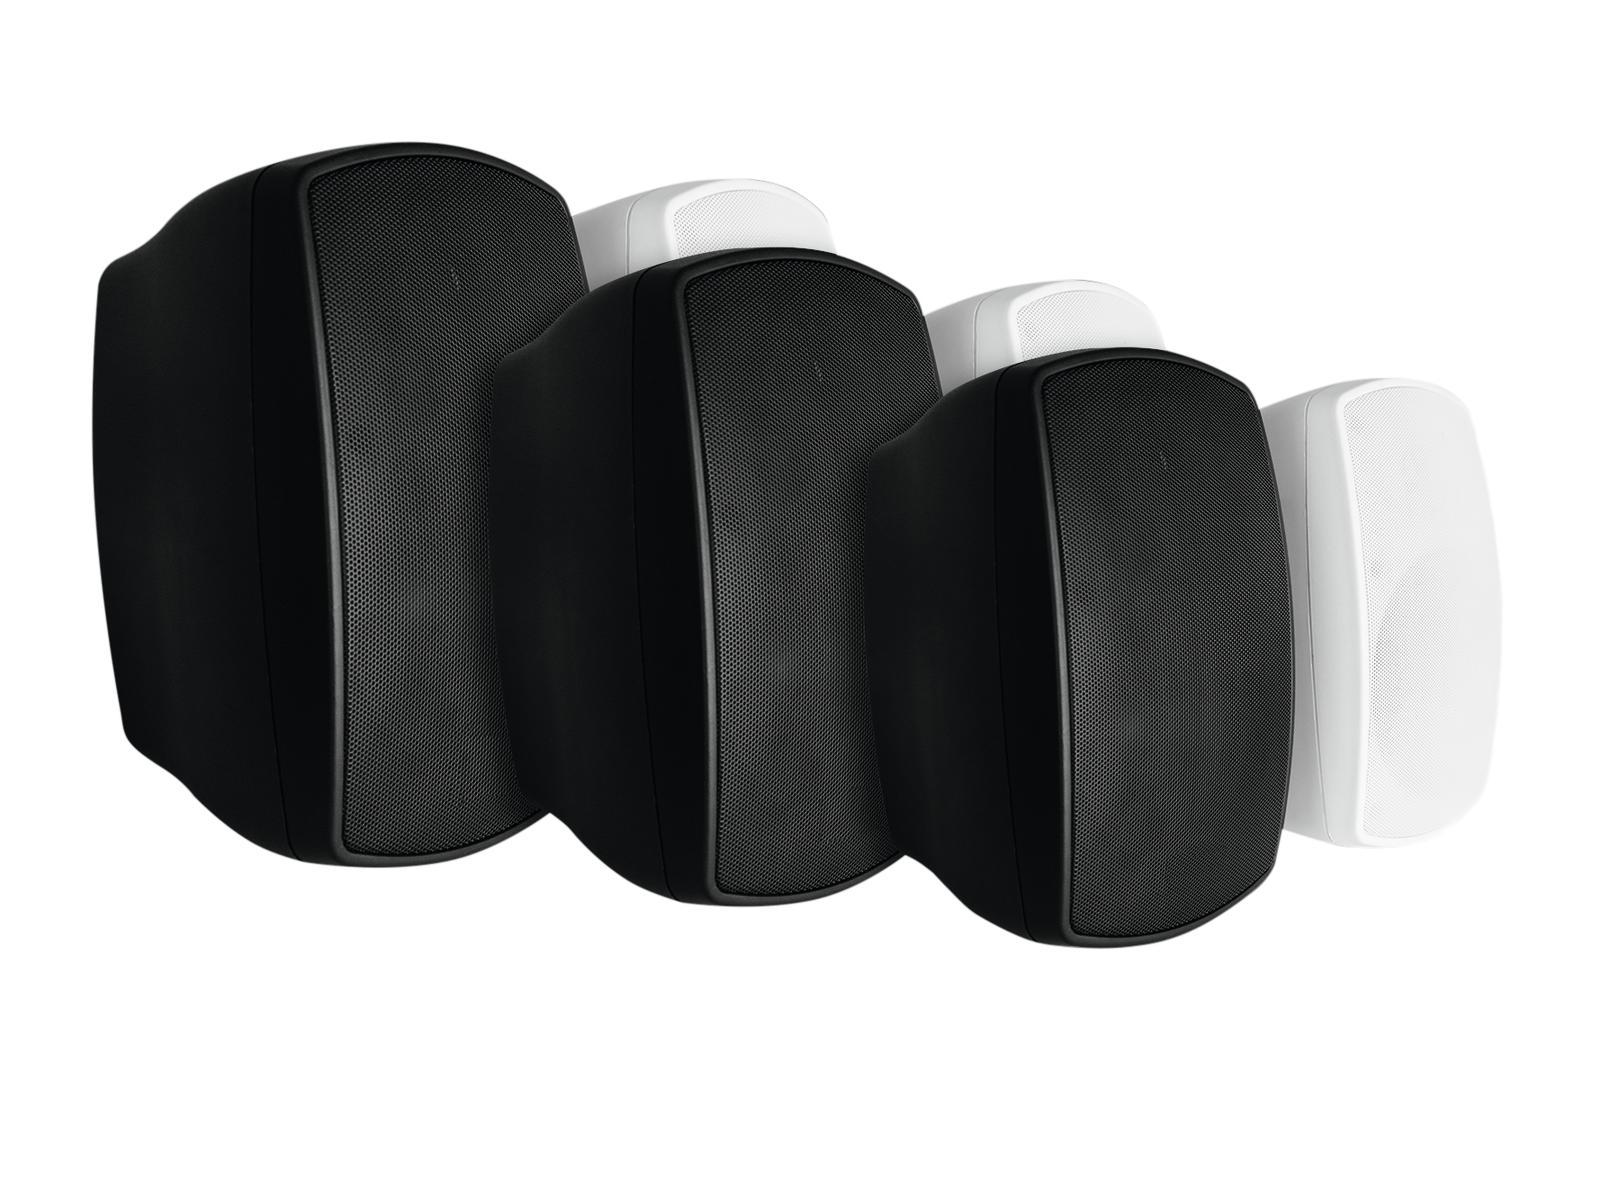 OMNITRONIC OD-6A Wandlautsprecher aktiv schwarz 2x